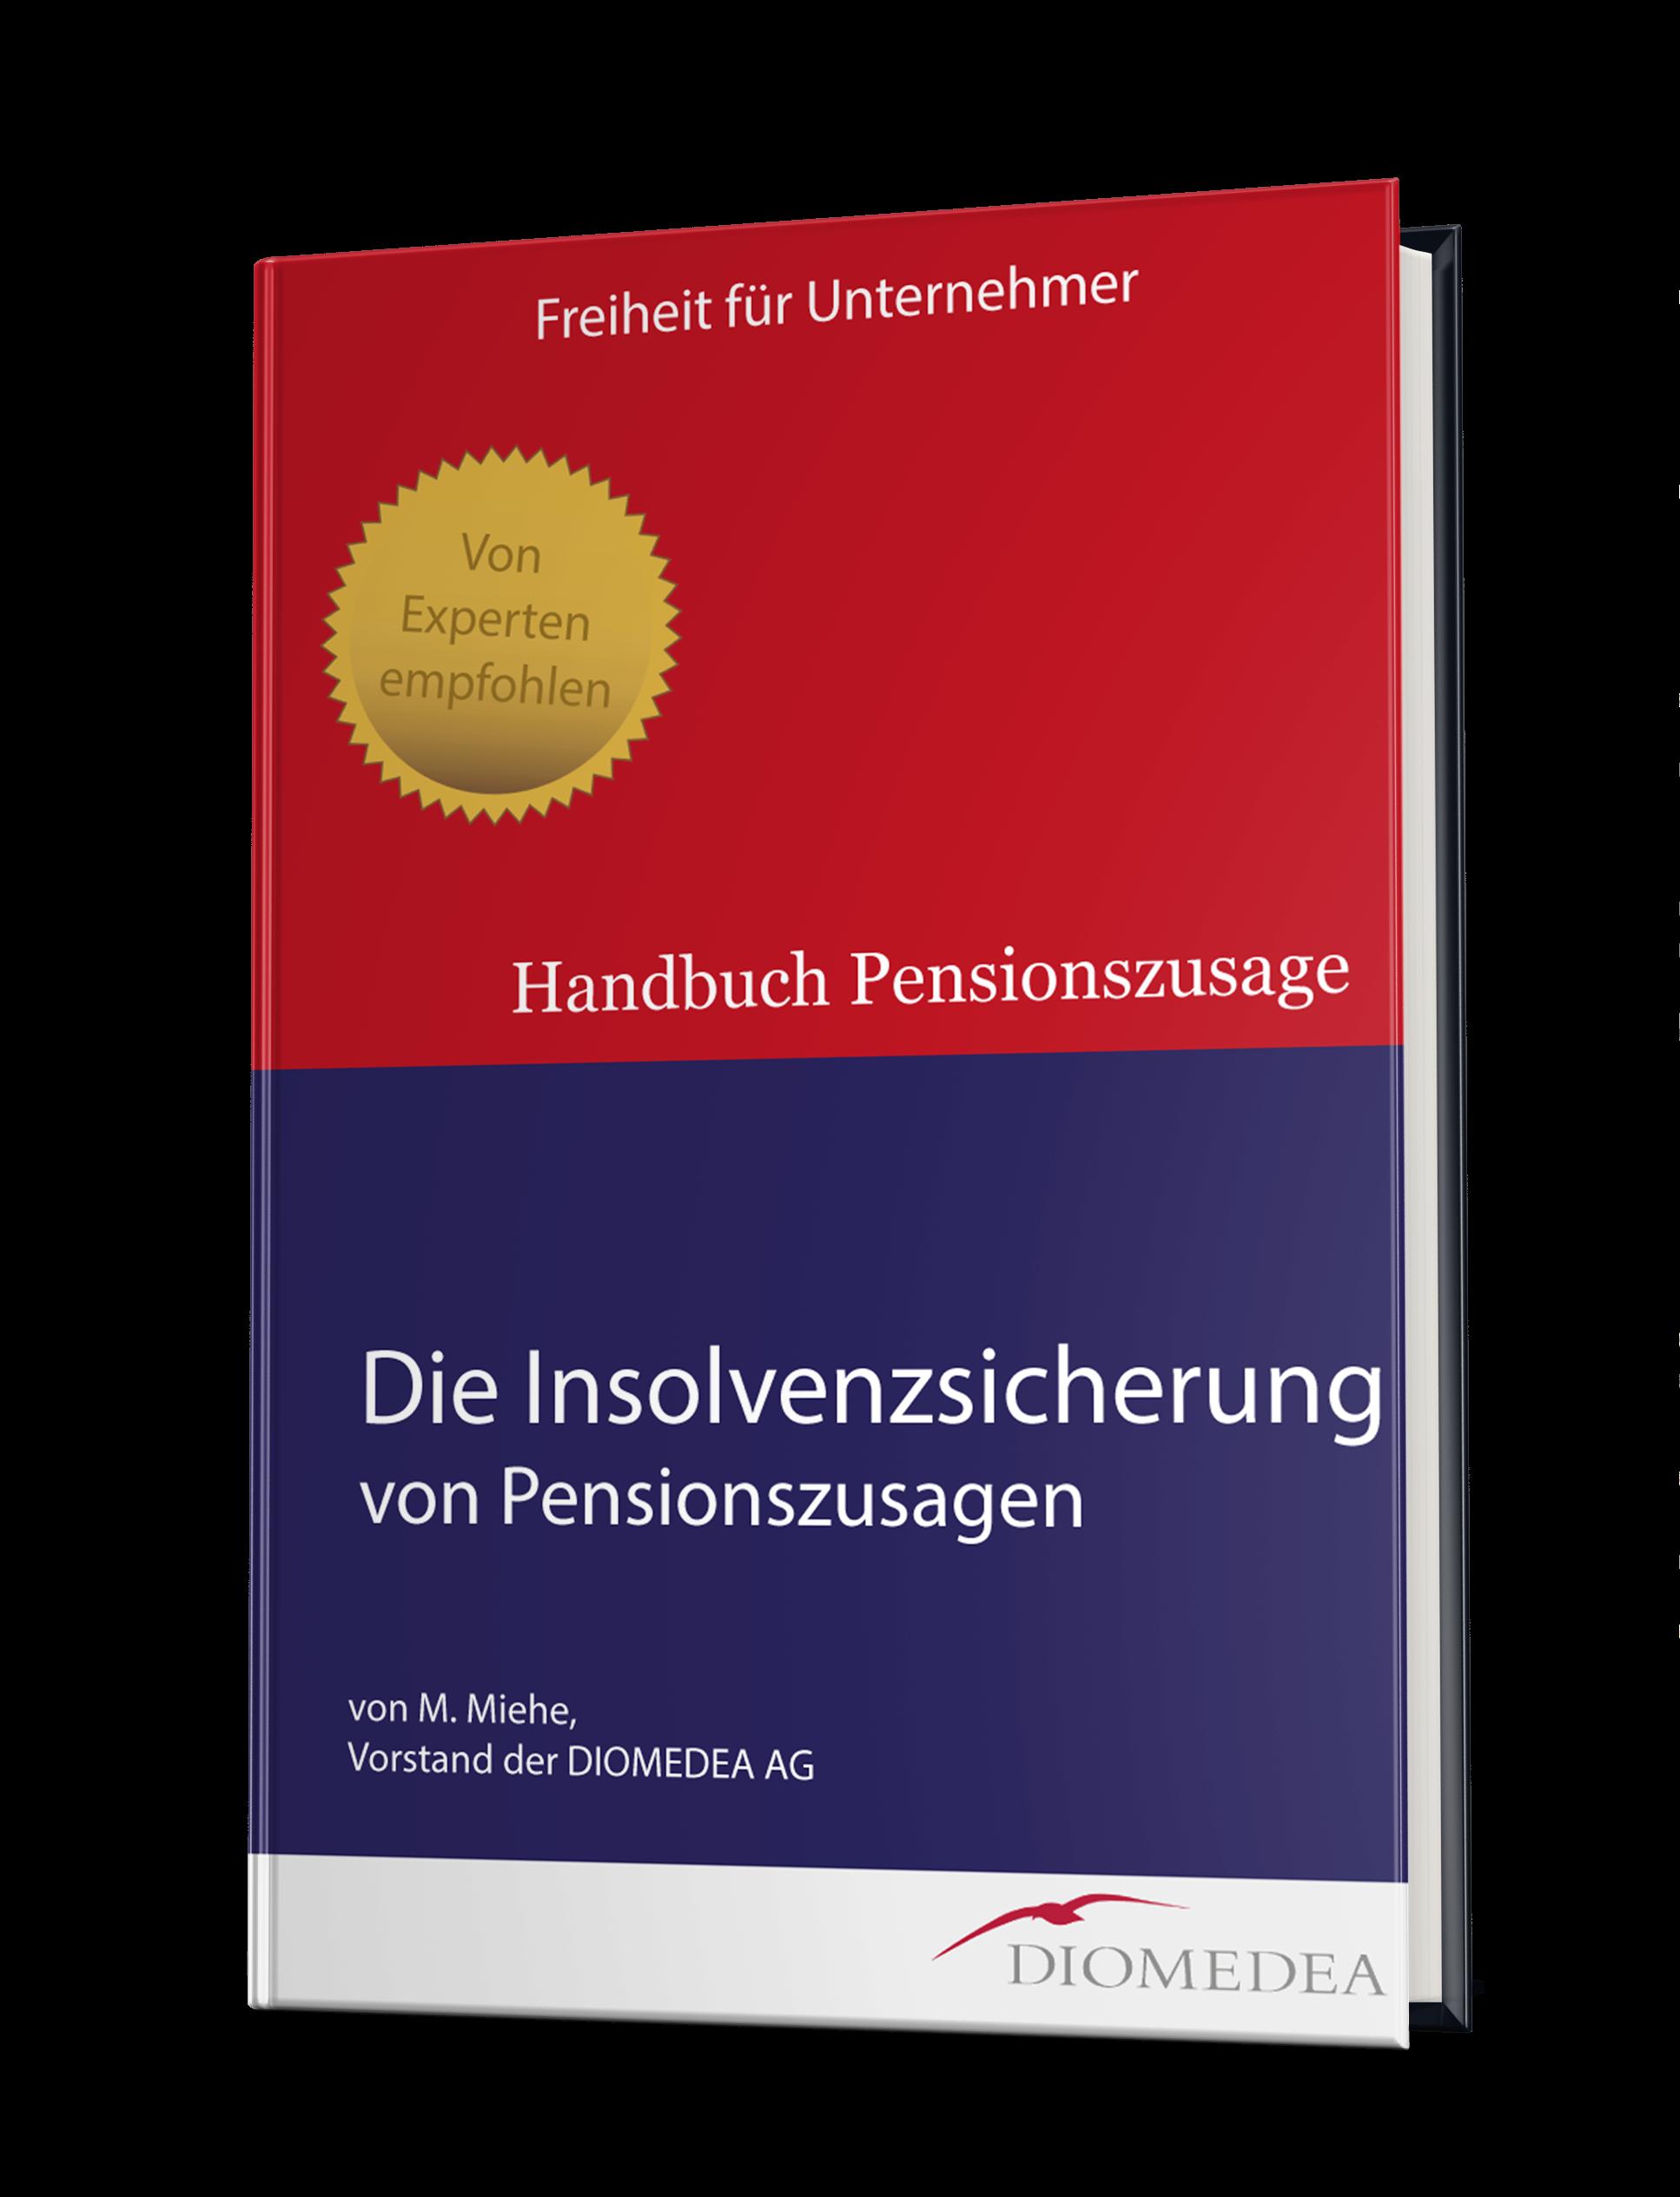 Insolvenzsicherung von Pensionszusagen